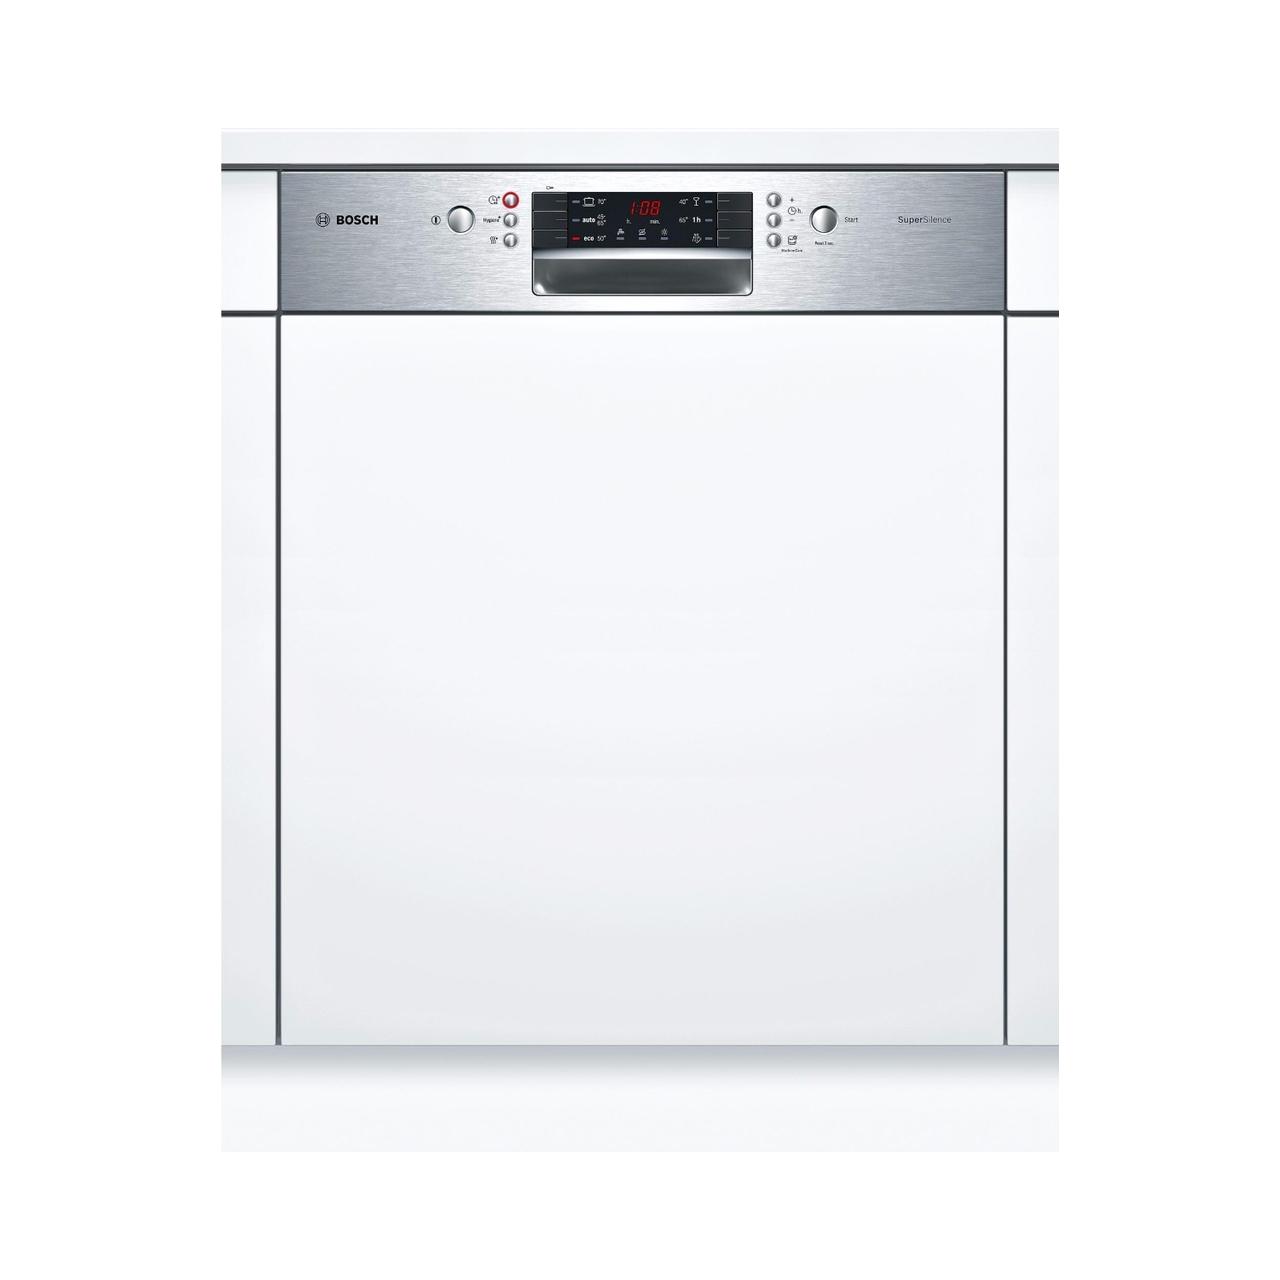 Máy rửa bát âm tủ BOSCH SMI46IS03E Serie 4